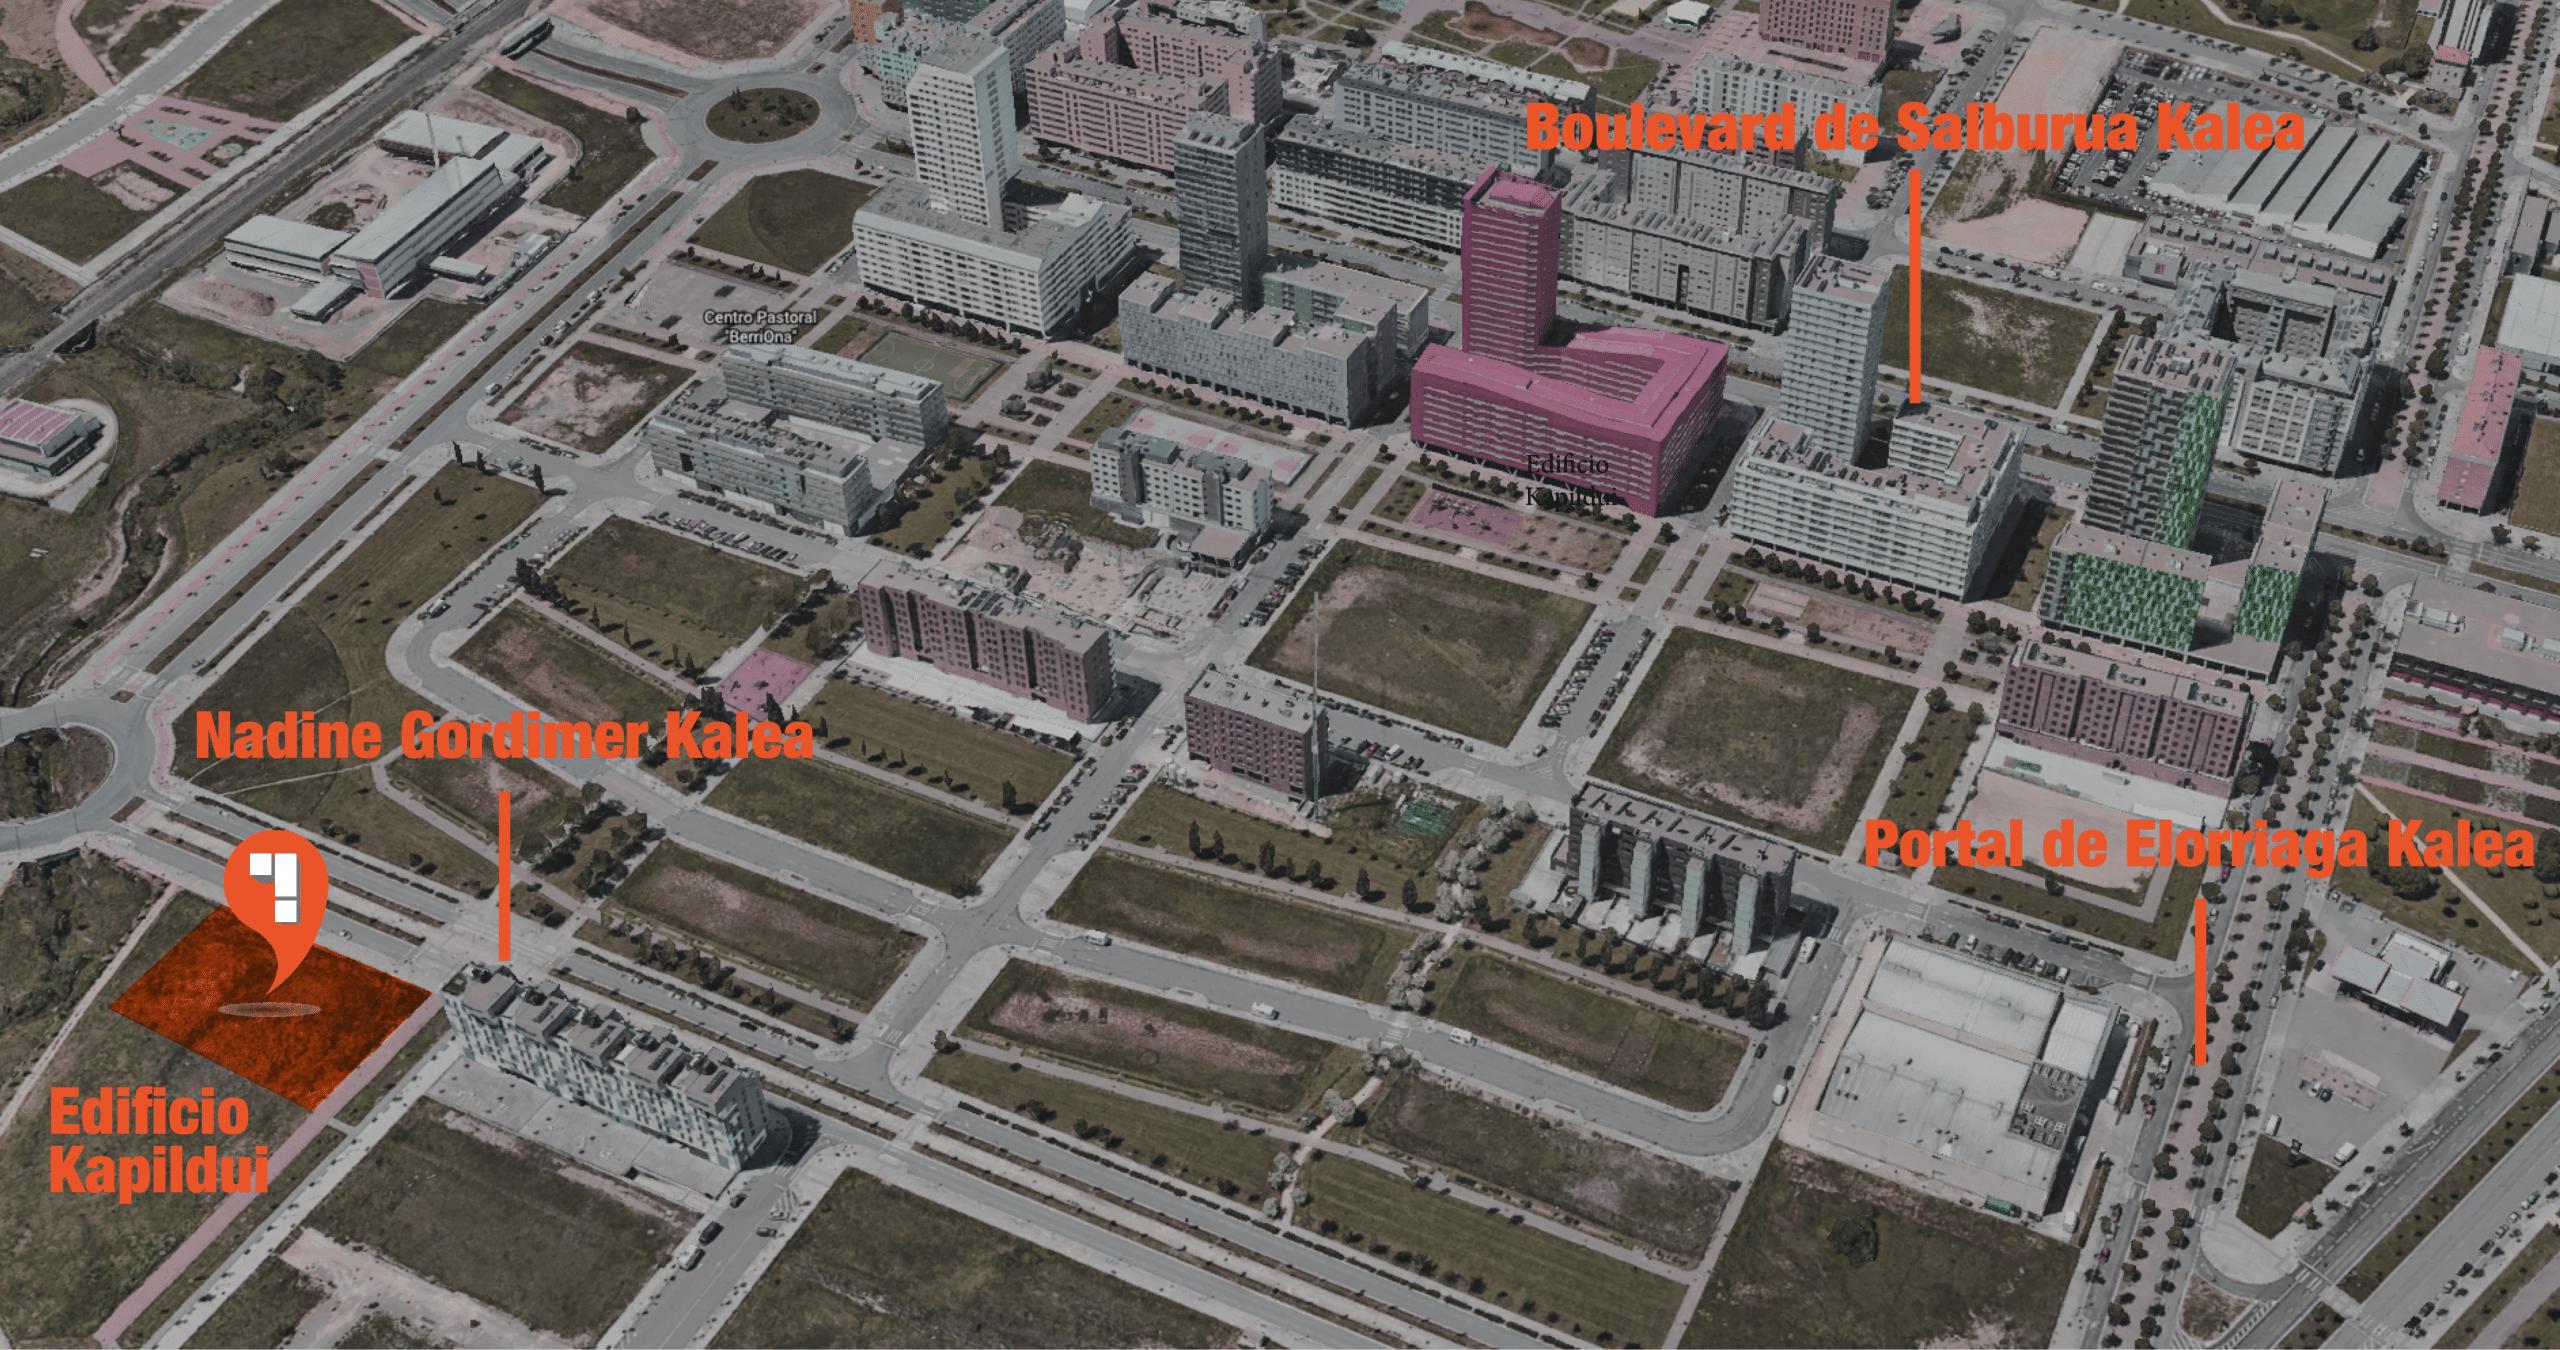 ubicacion-edificio-kapildui